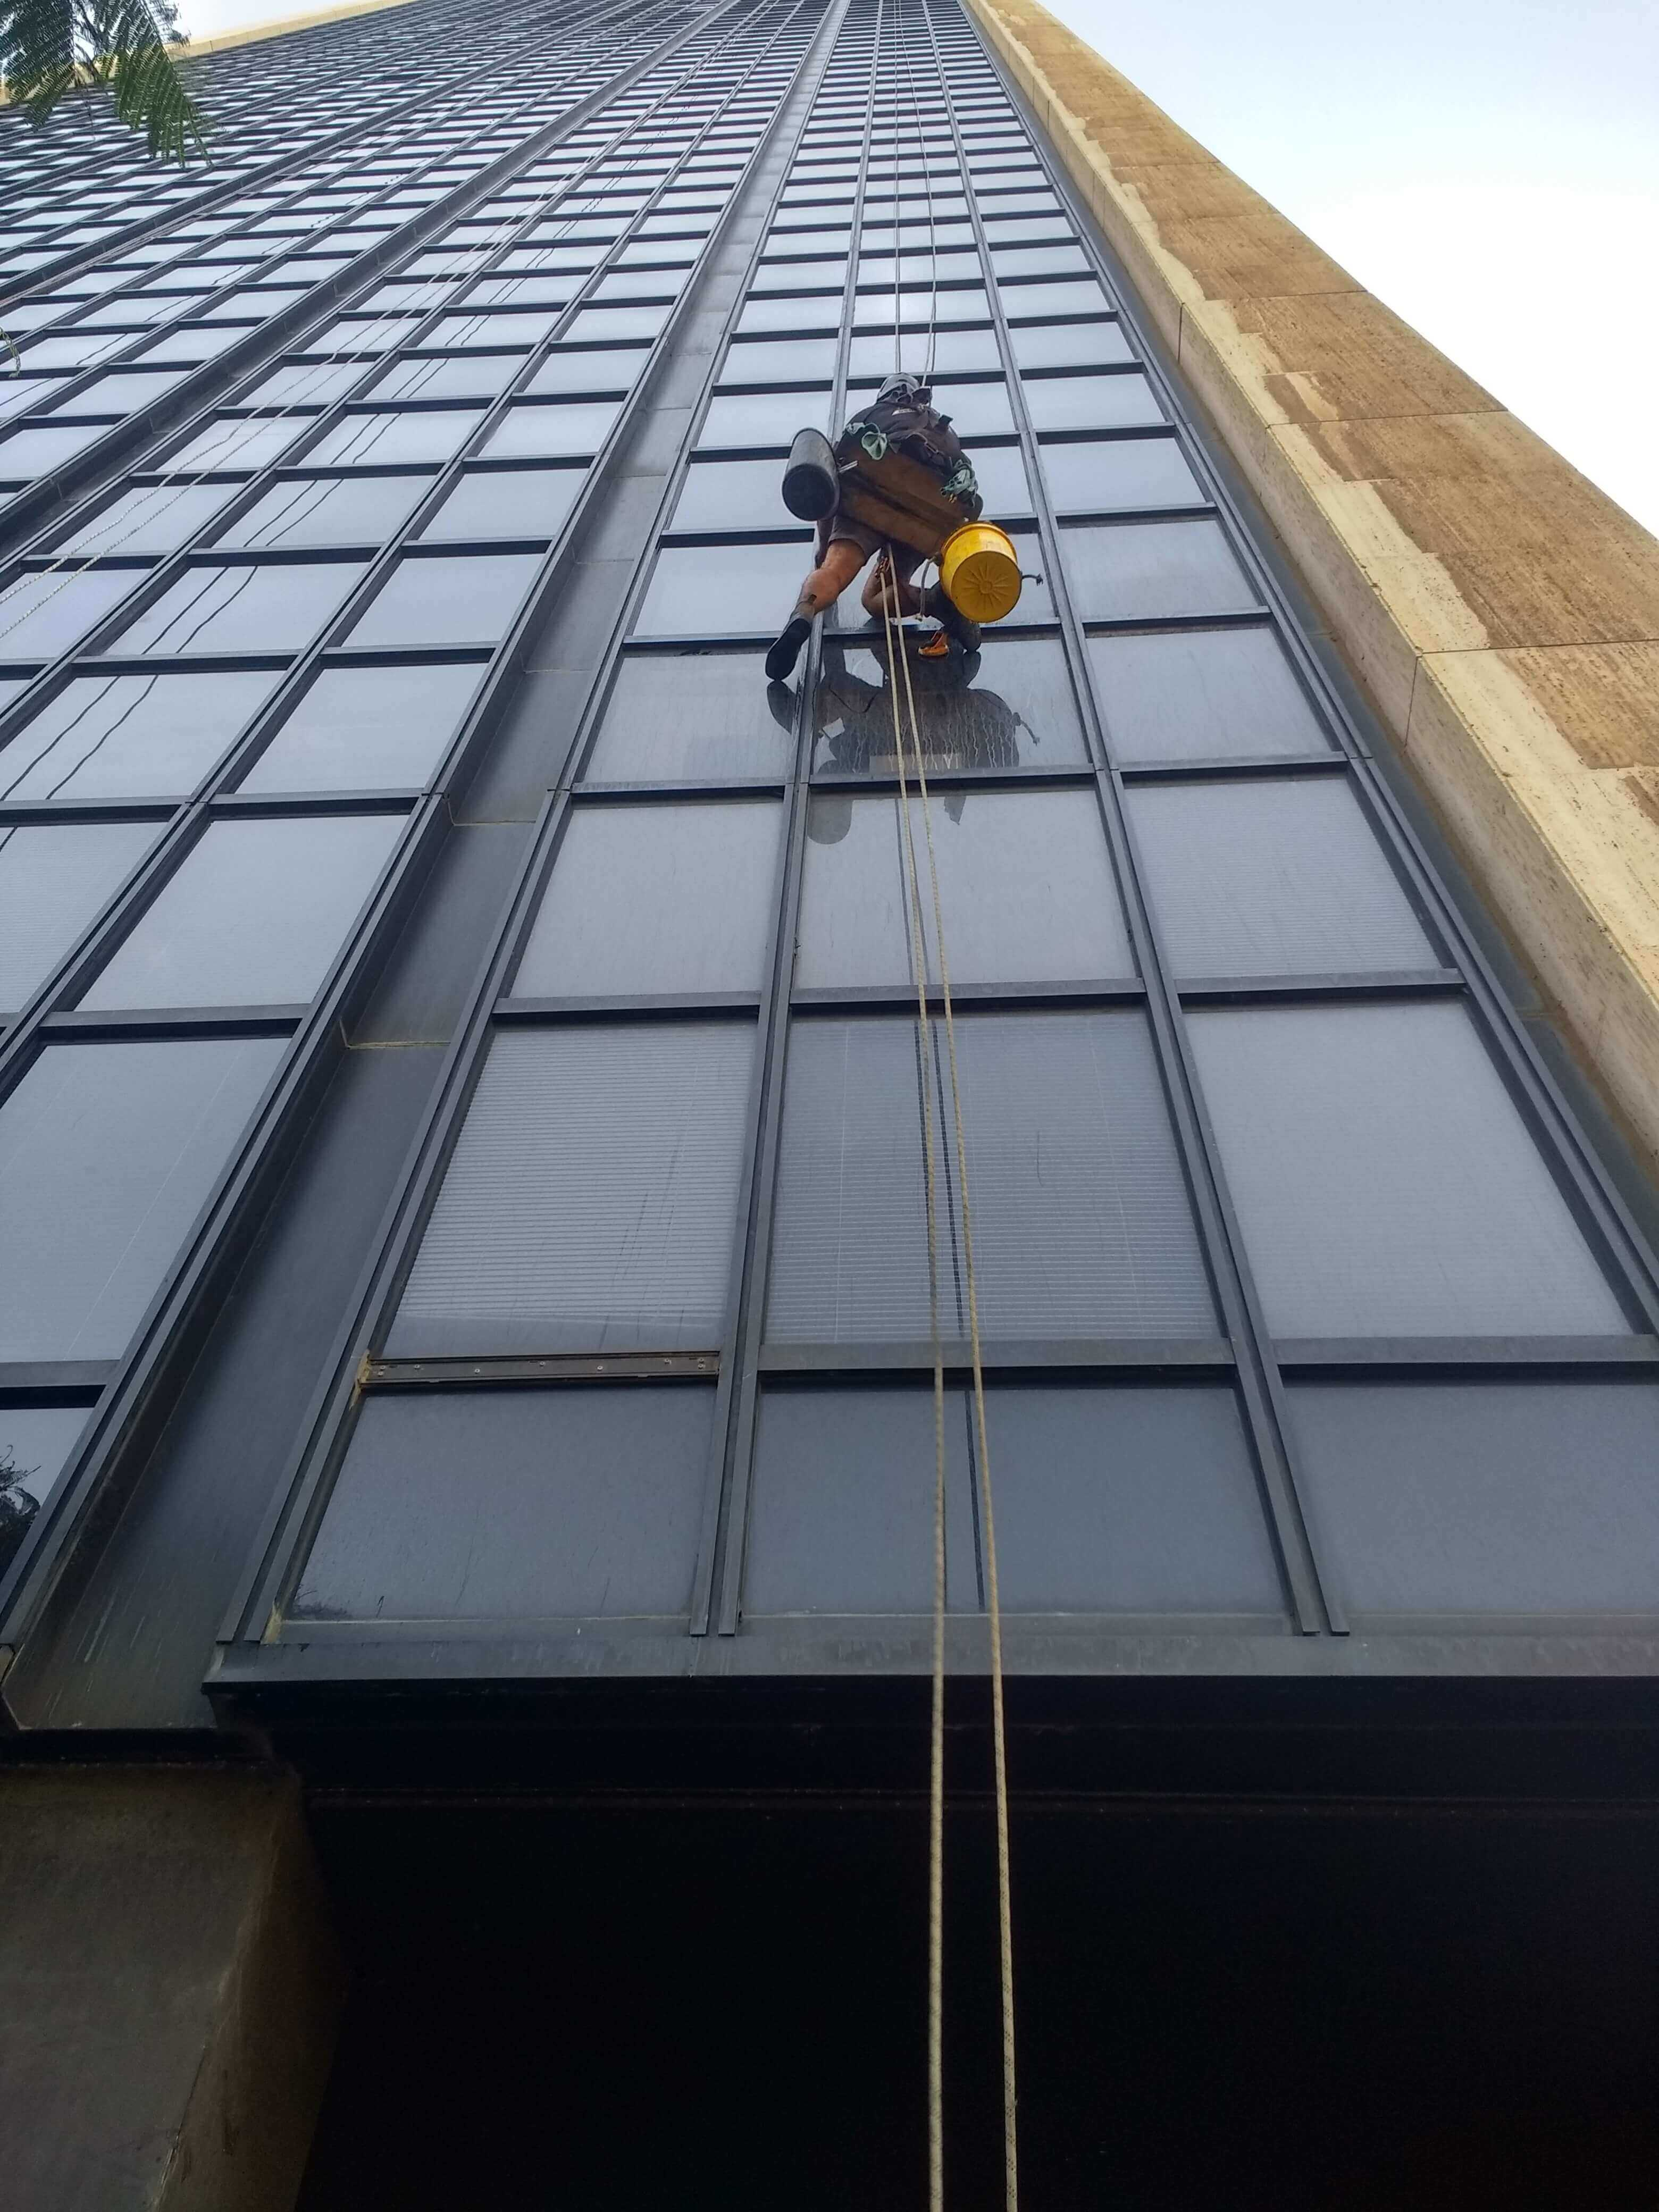 ניקוי חלונות מקצועי בסנפלינג